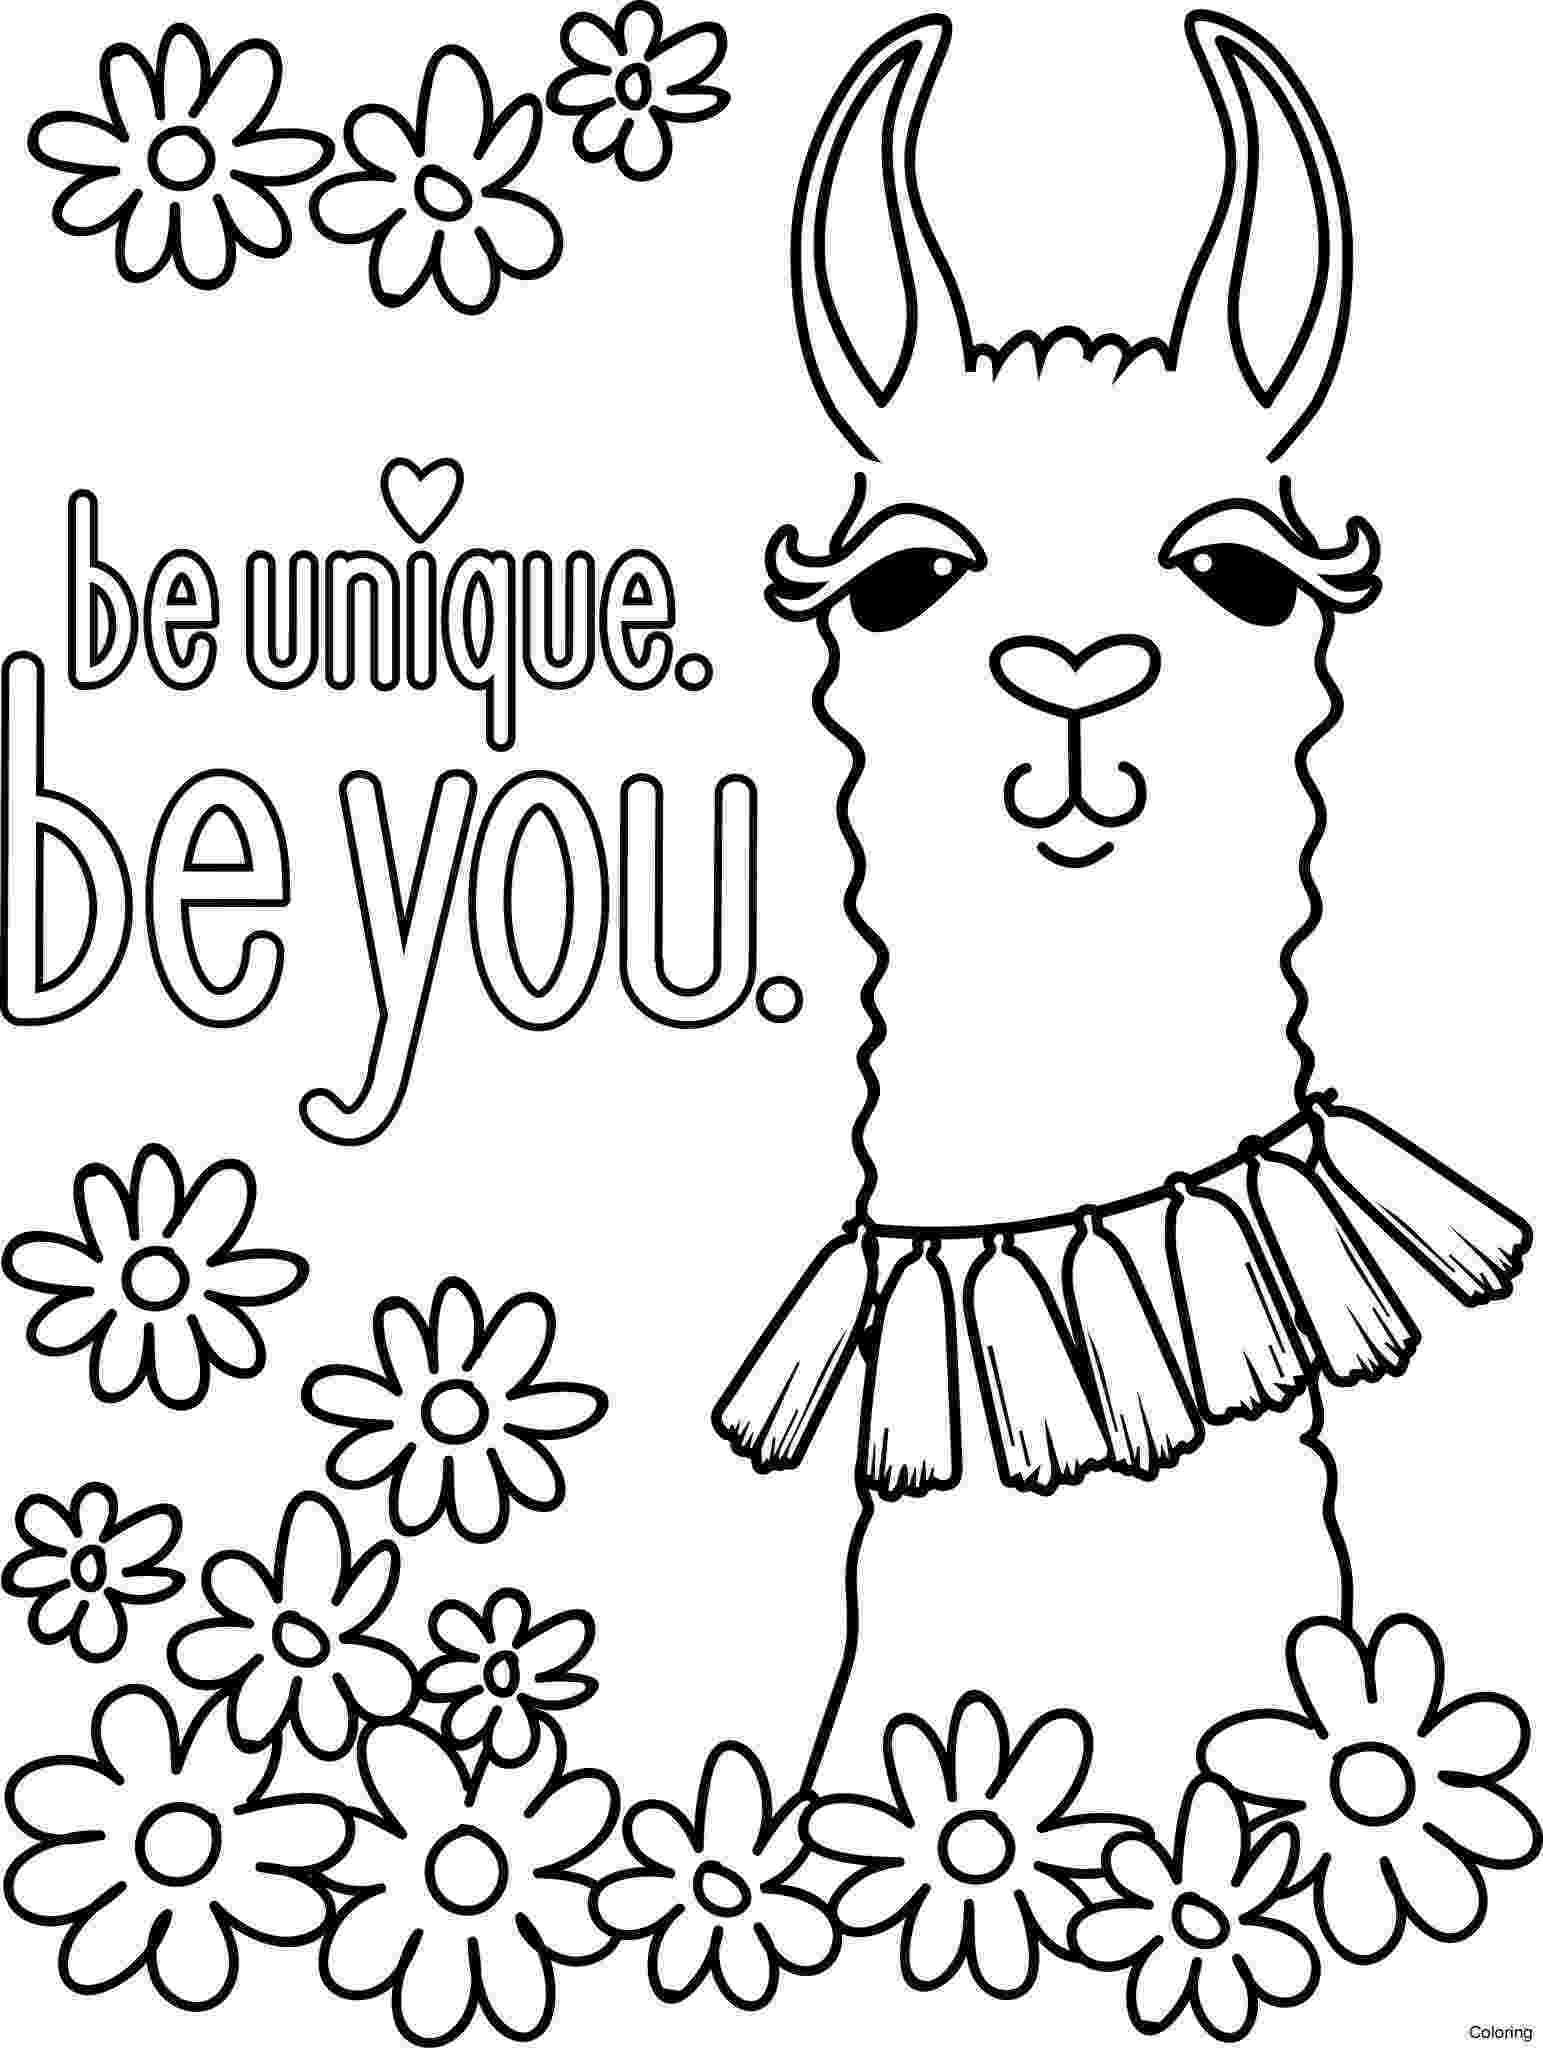 llama coloring page animal coloring pages for kids llama page coloring llama